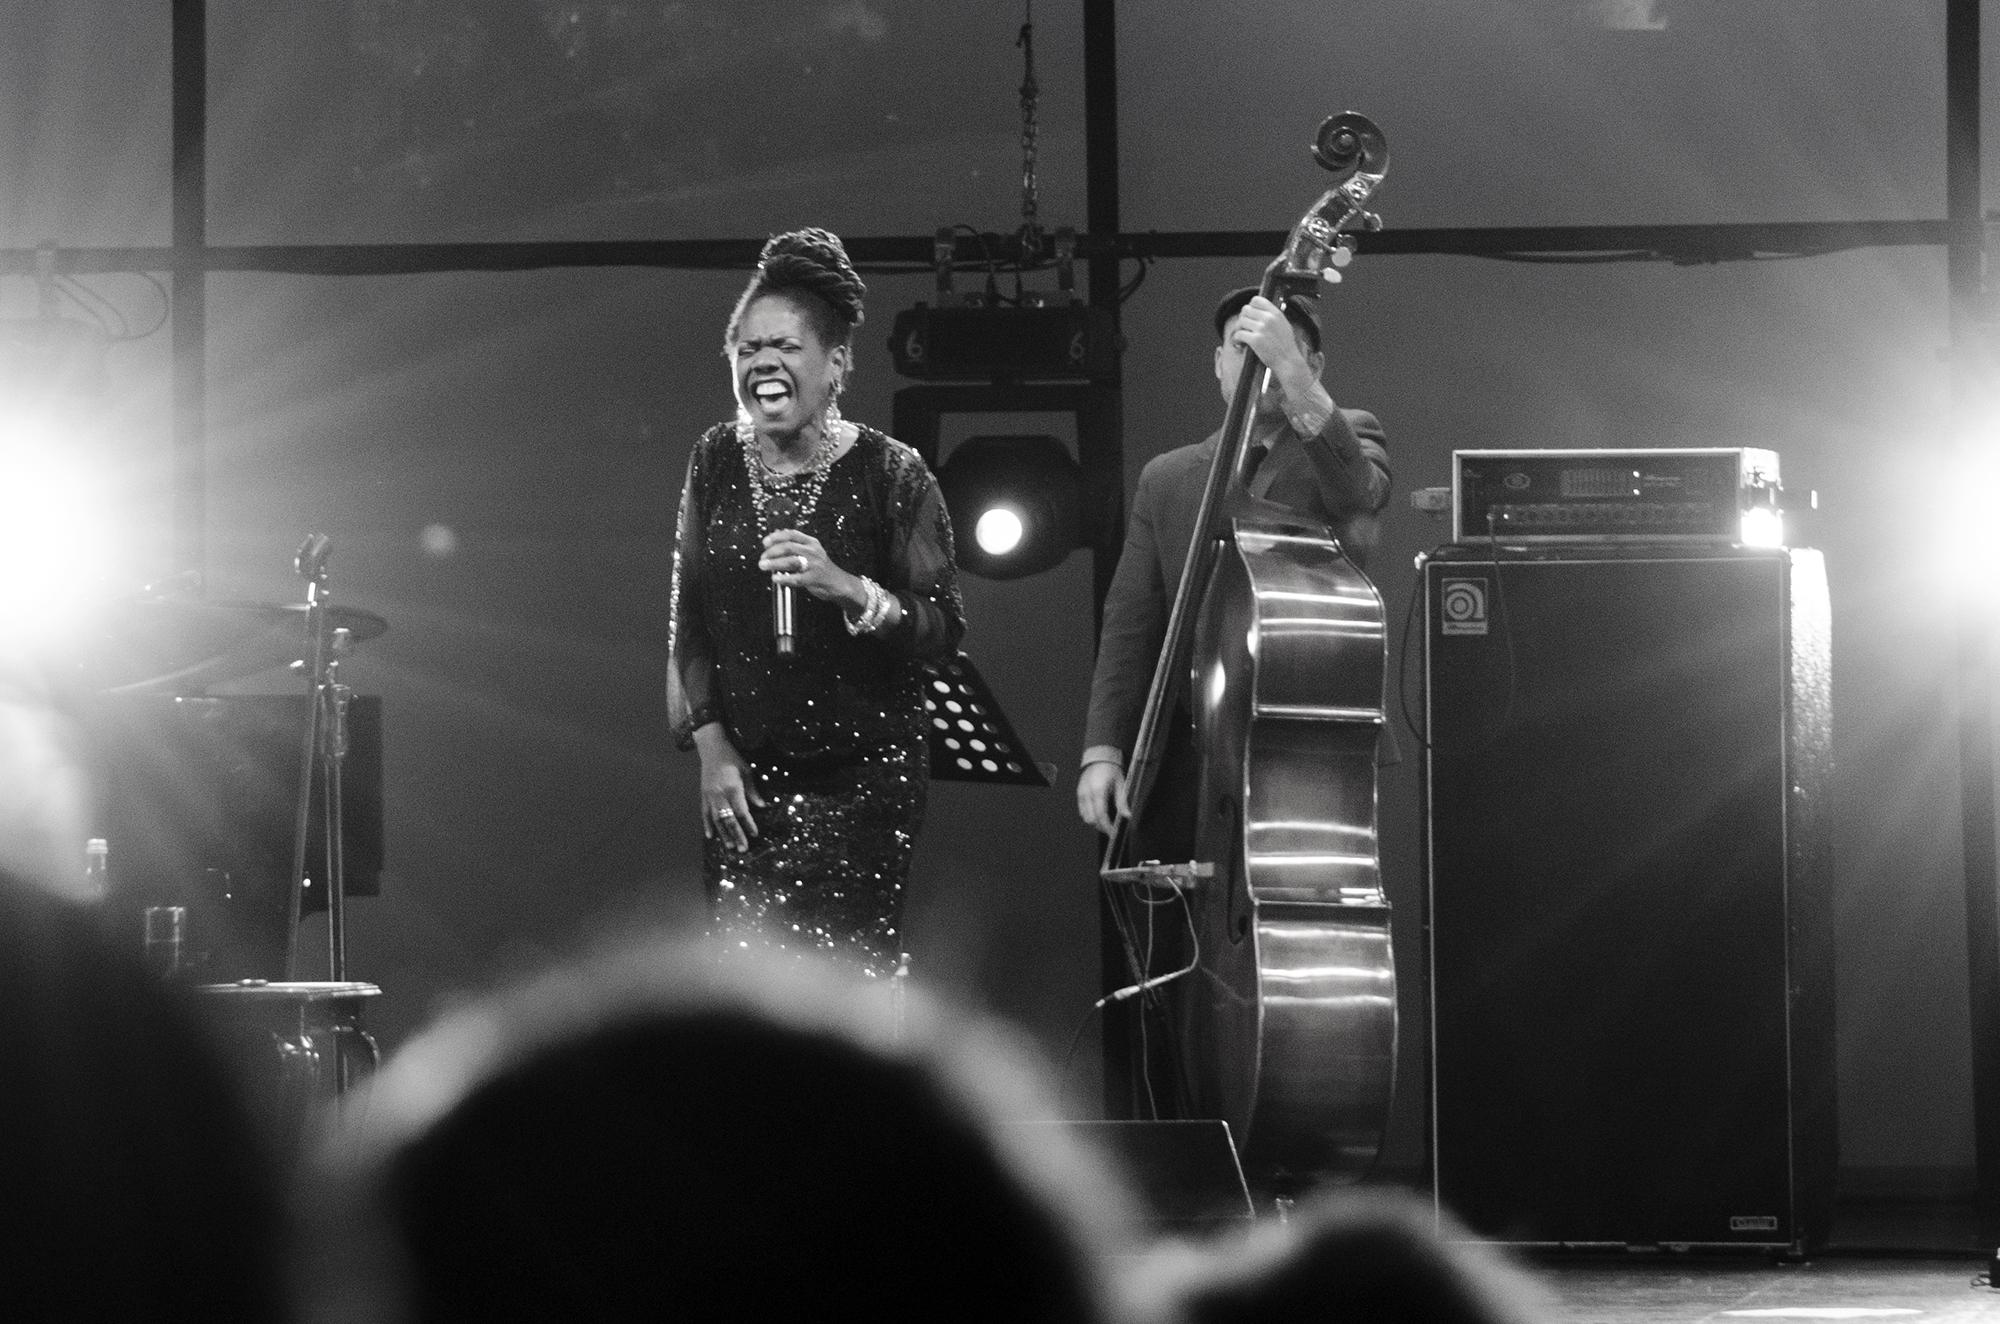 Miradas del Festival Ecuador Jazz 2016 - La XII edición del conocido festival se realizó entre el 11 y el 21 de febrero. Paralelo estuvo presente para registrarla. Más.